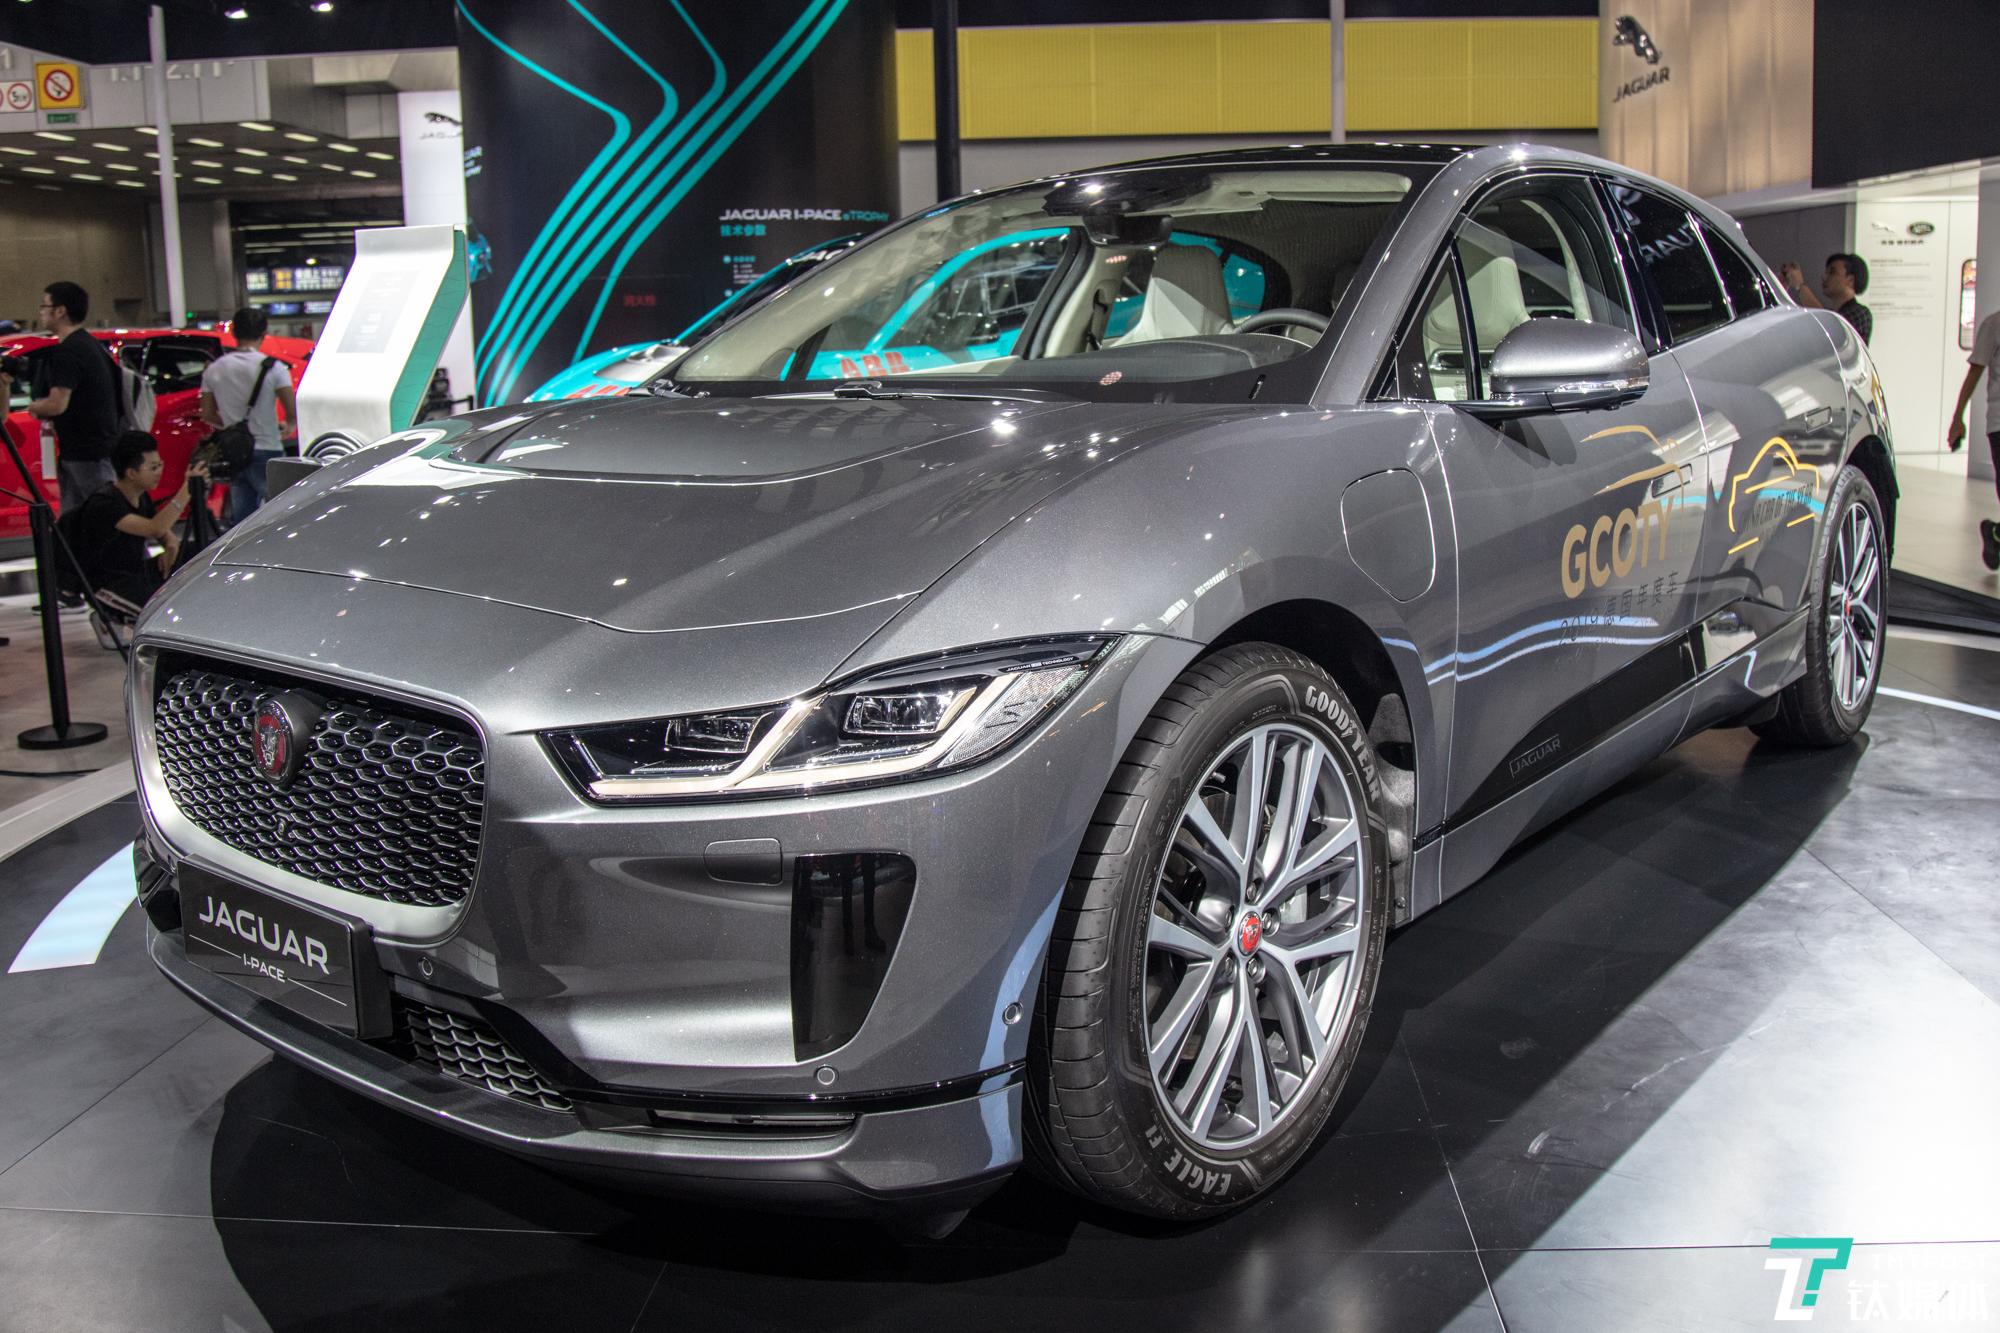 40分钟充电80%,最高续航456公里,捷豹纯电SUV I-PACE首发 | 一线车讯